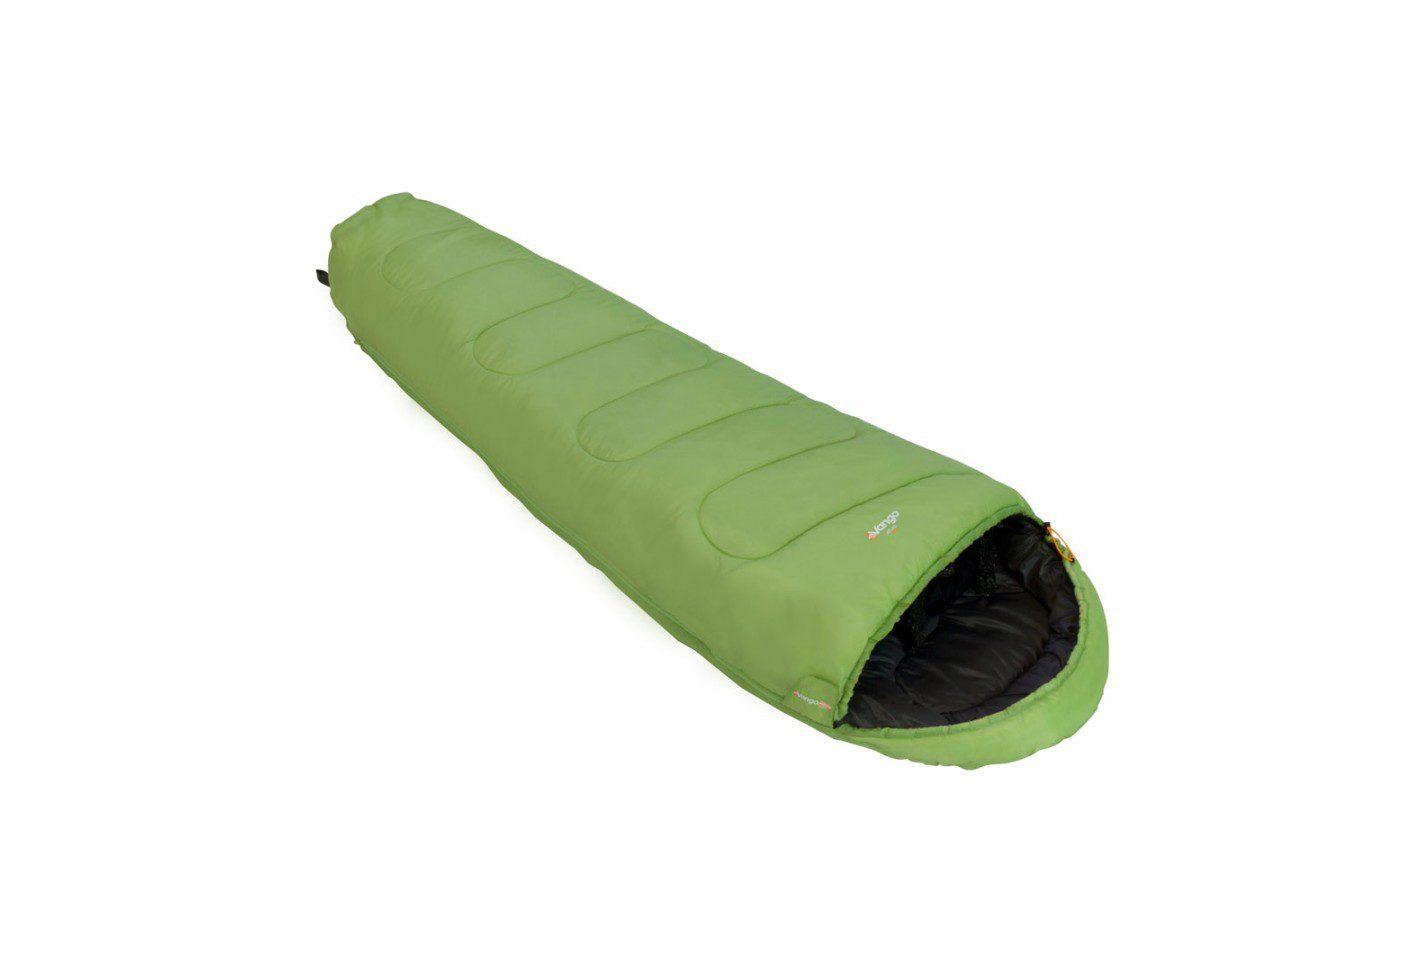 Vango Atlas 250 Sleeping Bag - Jade Lime